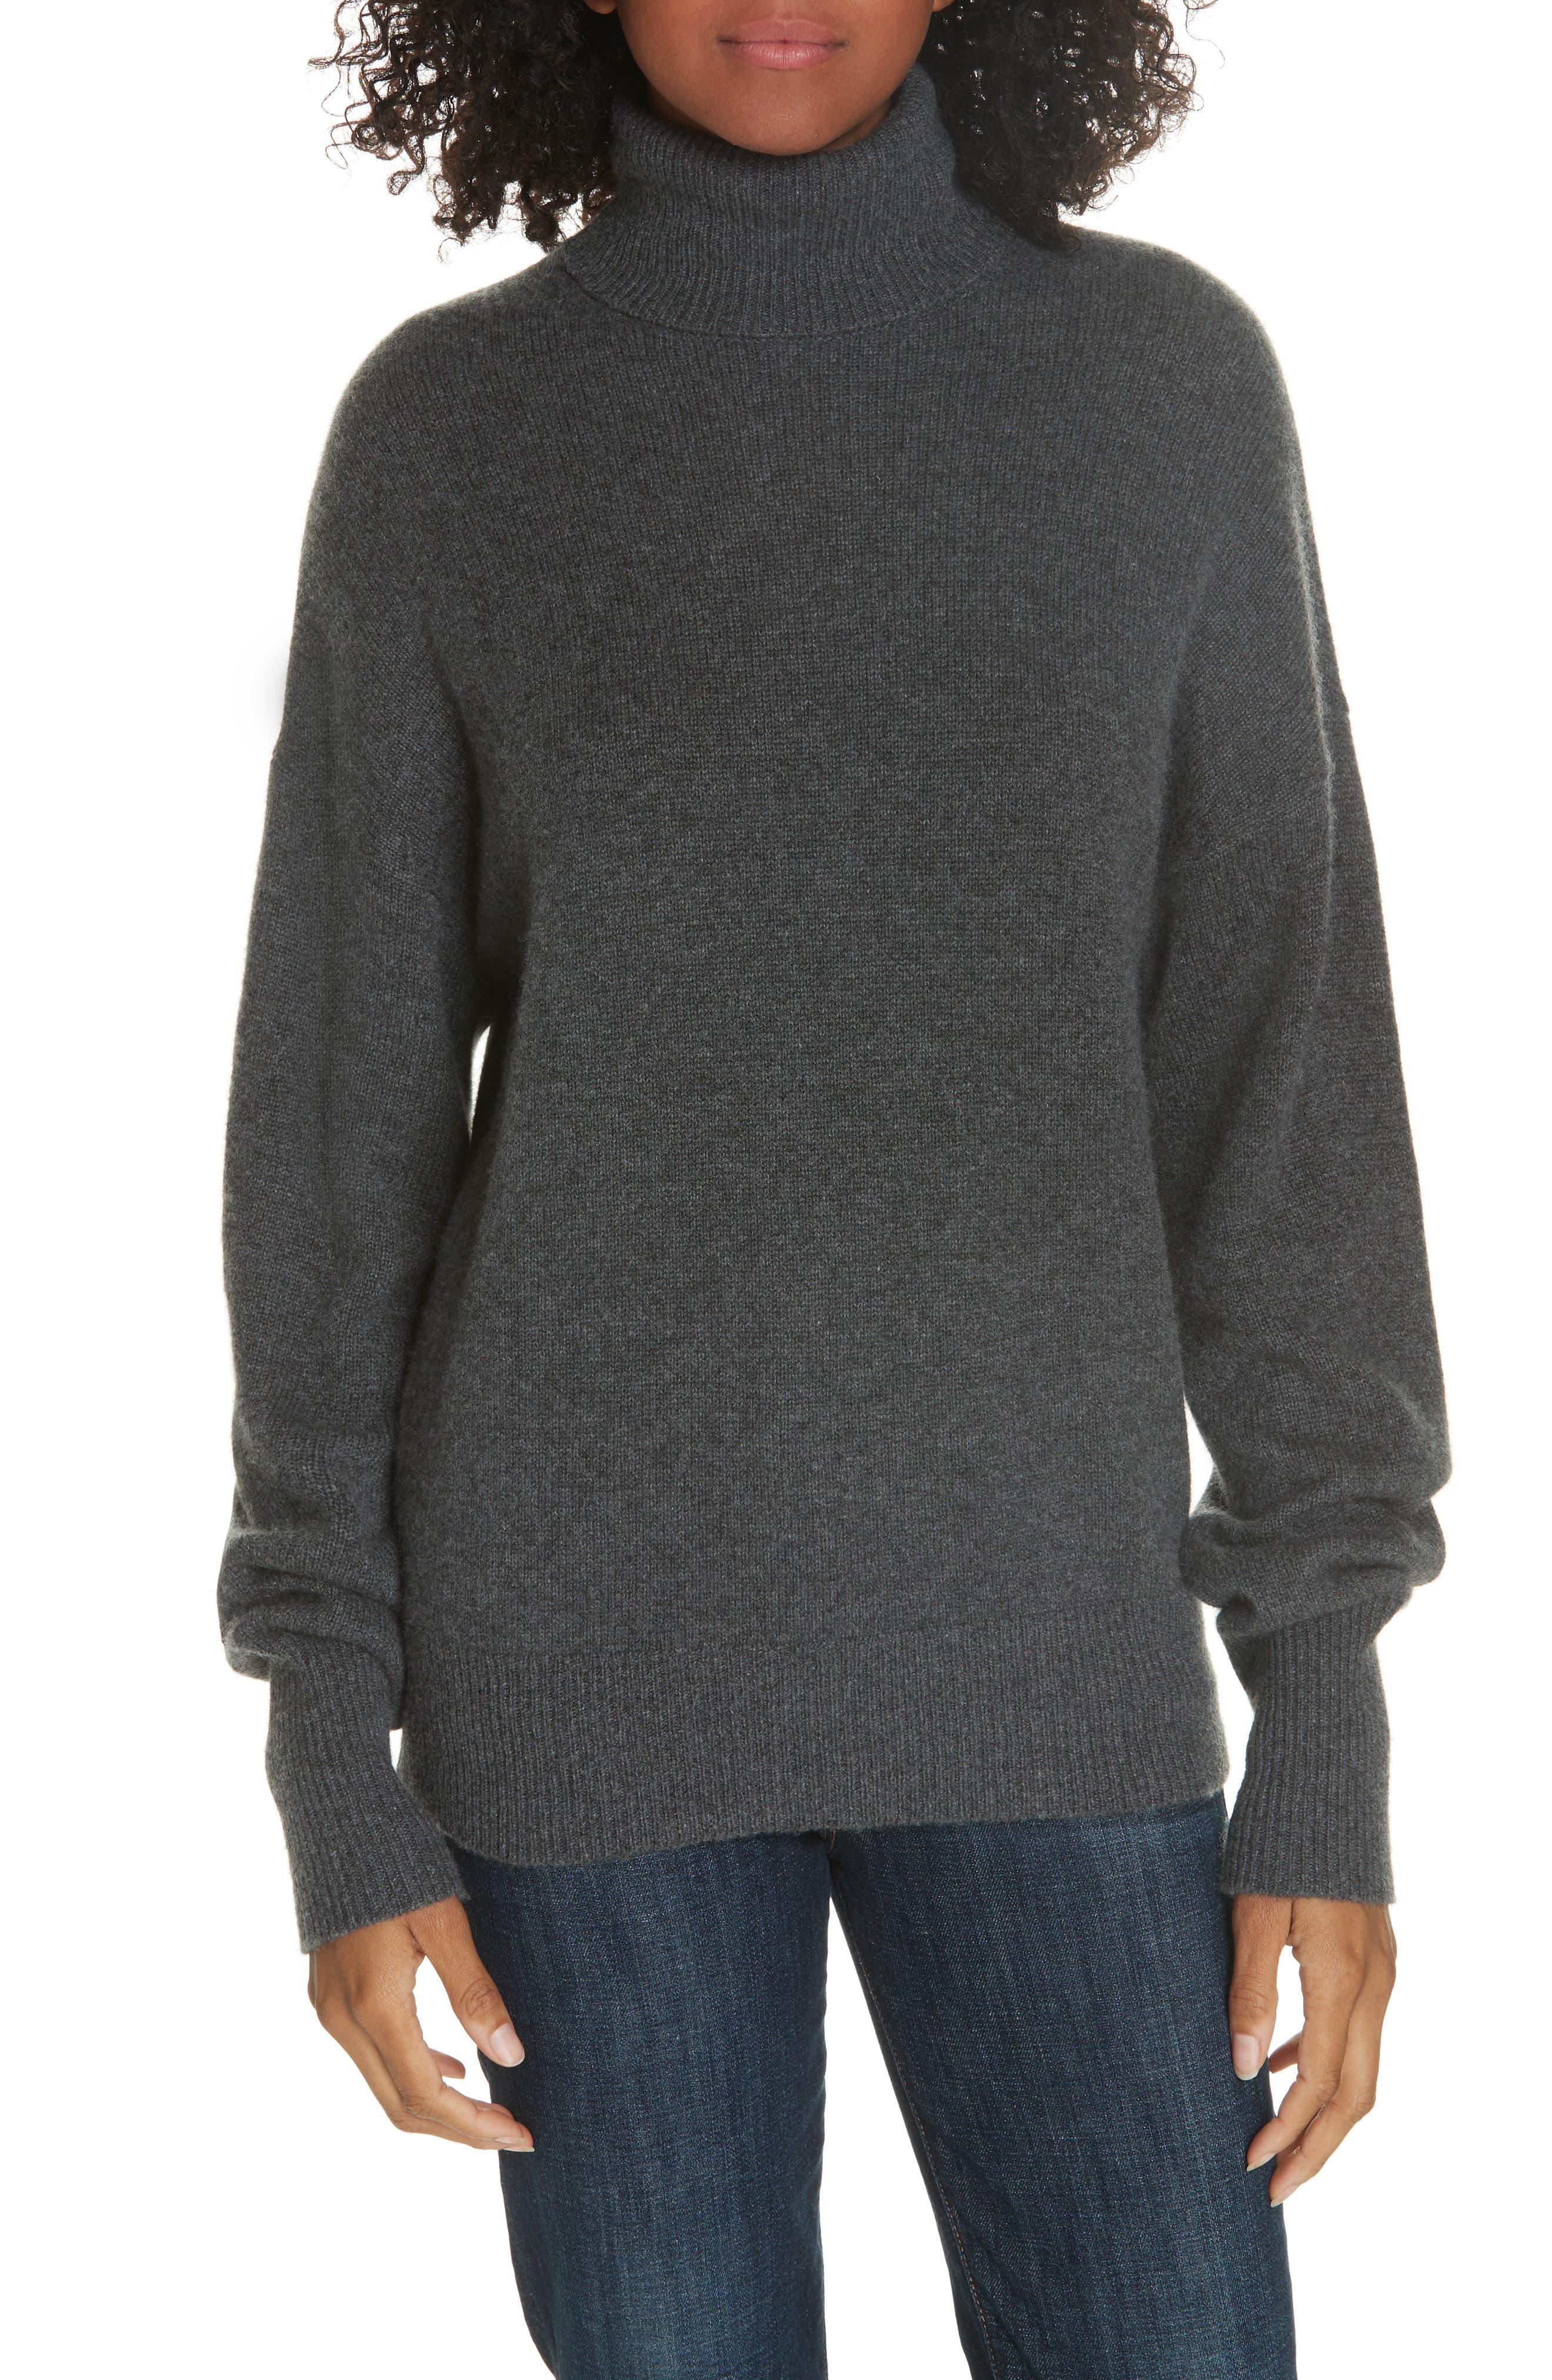 Cashmere Drop Shoulder Turtleneck Sweater,                             Main thumbnail 1, color,                             HEATHER BOULDER